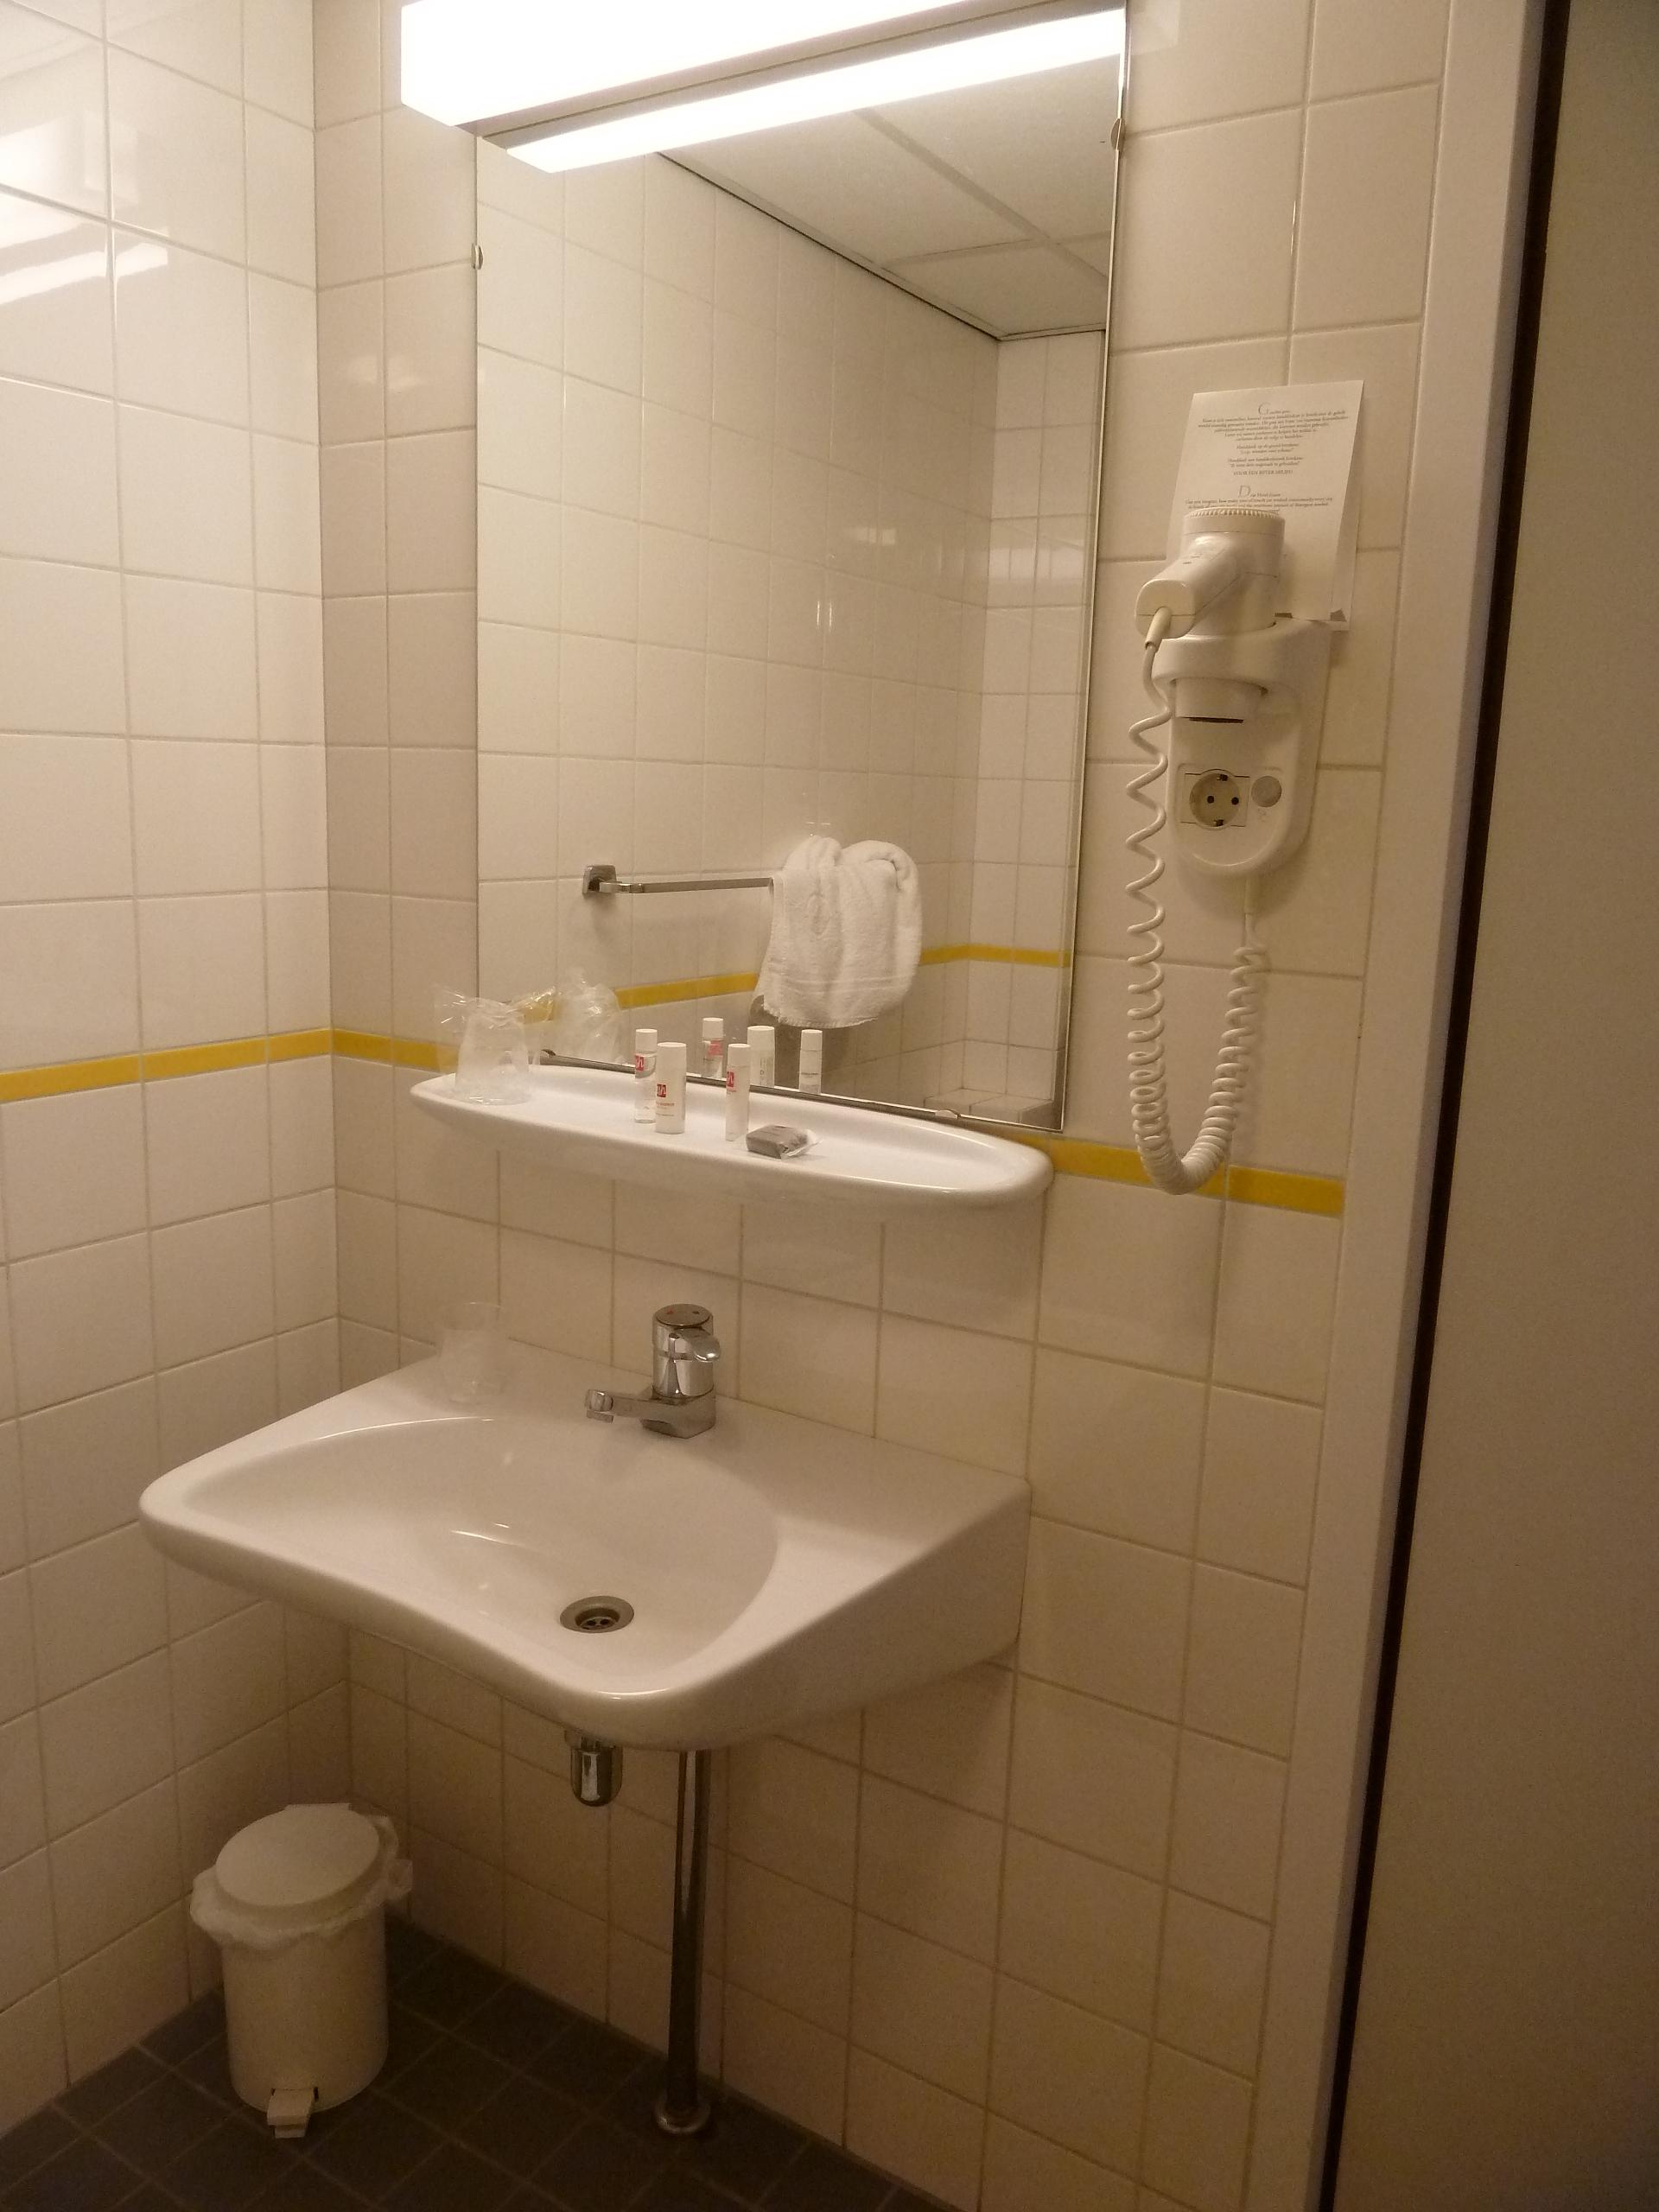 Badkamer invalidekamer ernst sillem hoeve hoogte spiegel en fohn nederlands instituut voor - Spiegel draaibare badkamer ...